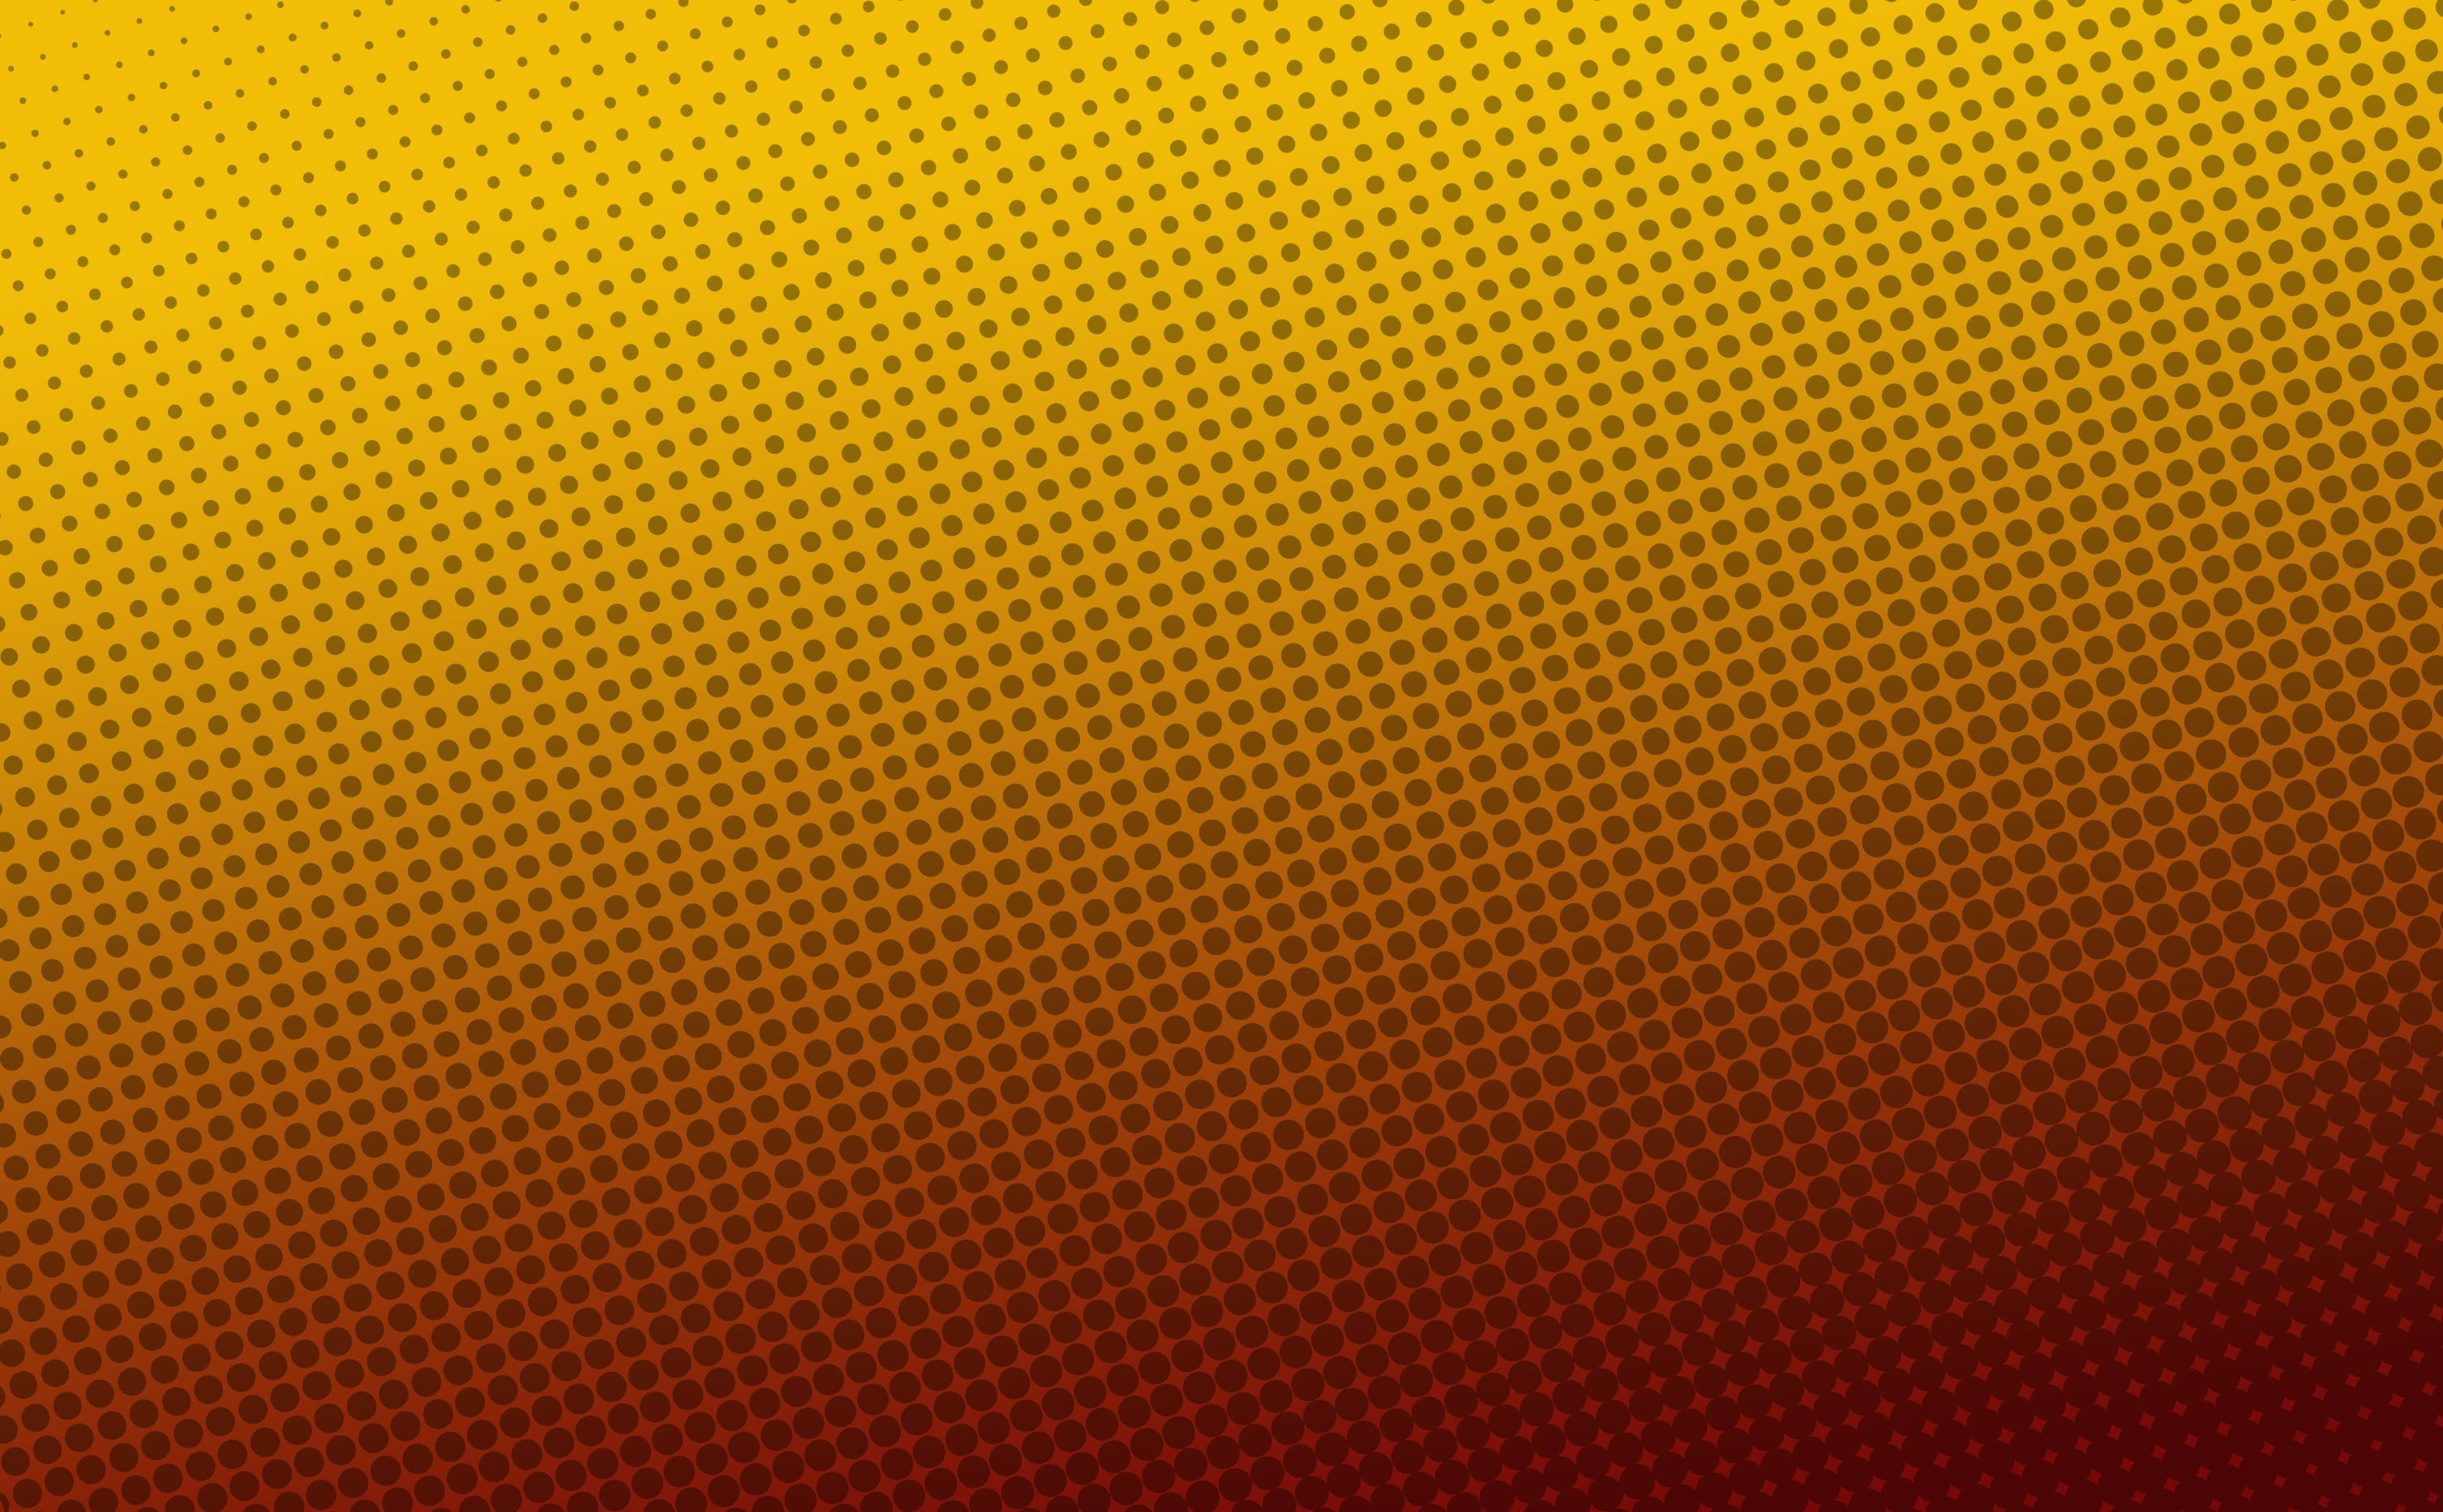 Orange halftone background photo